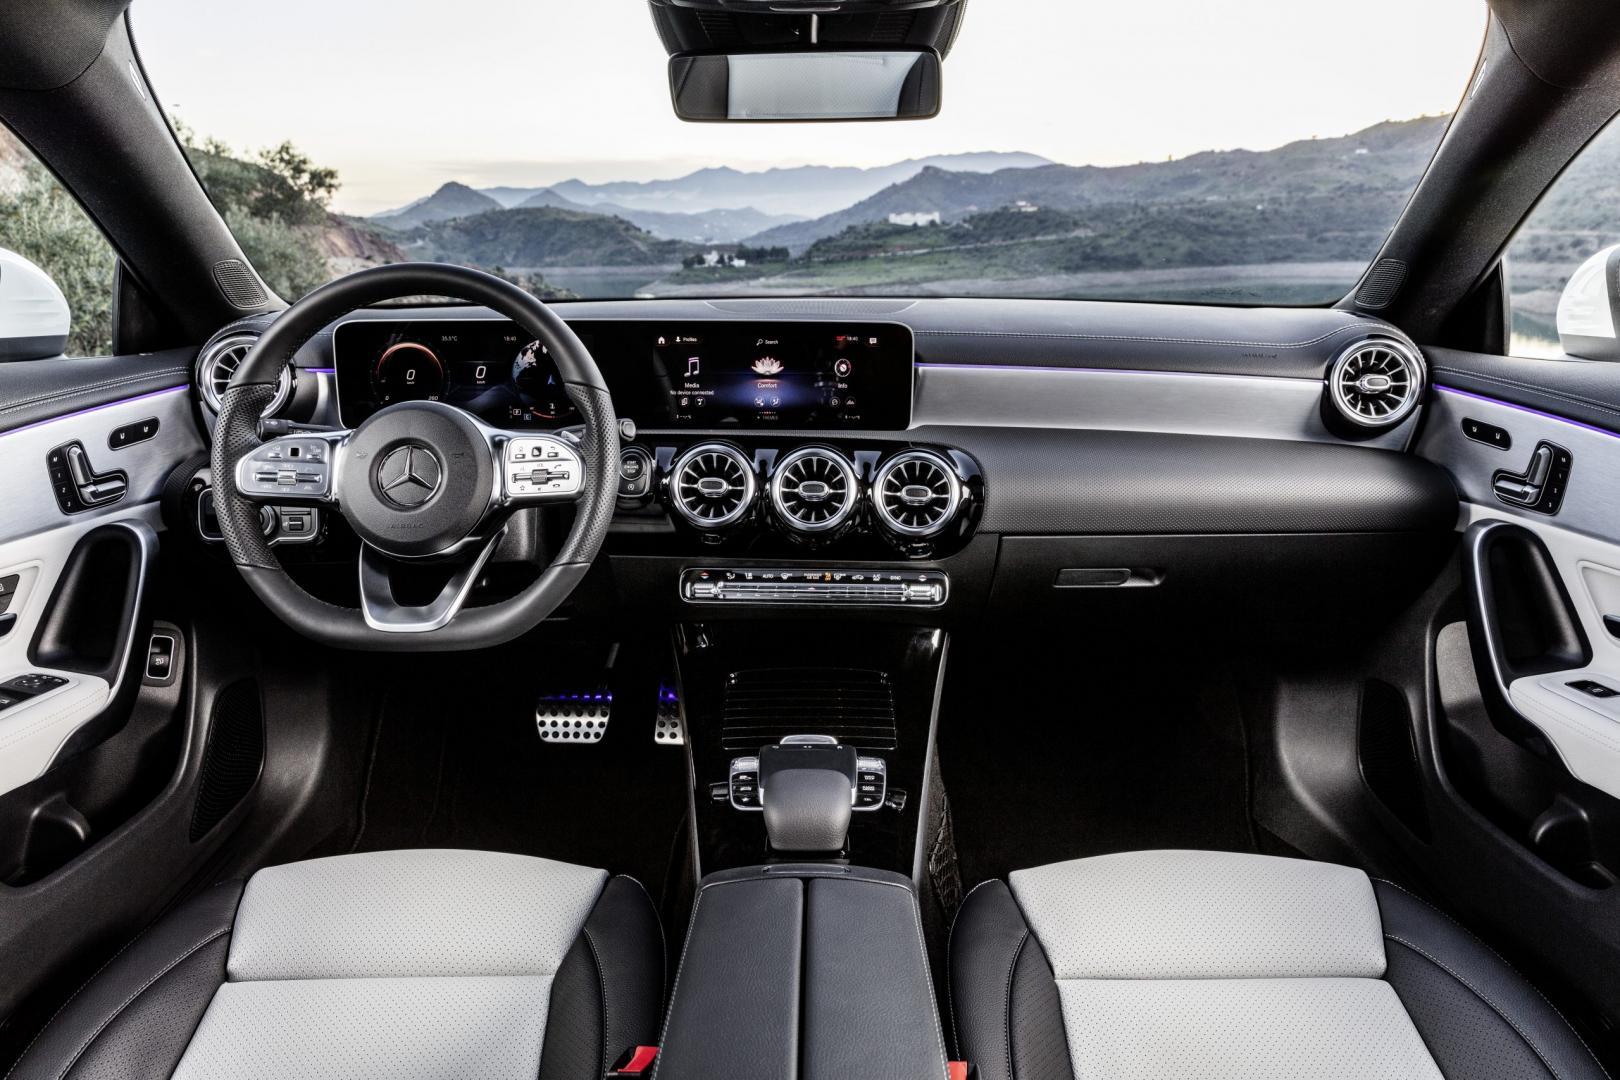 Mercedes-Benz CLA Shooting Brake interieur 2019